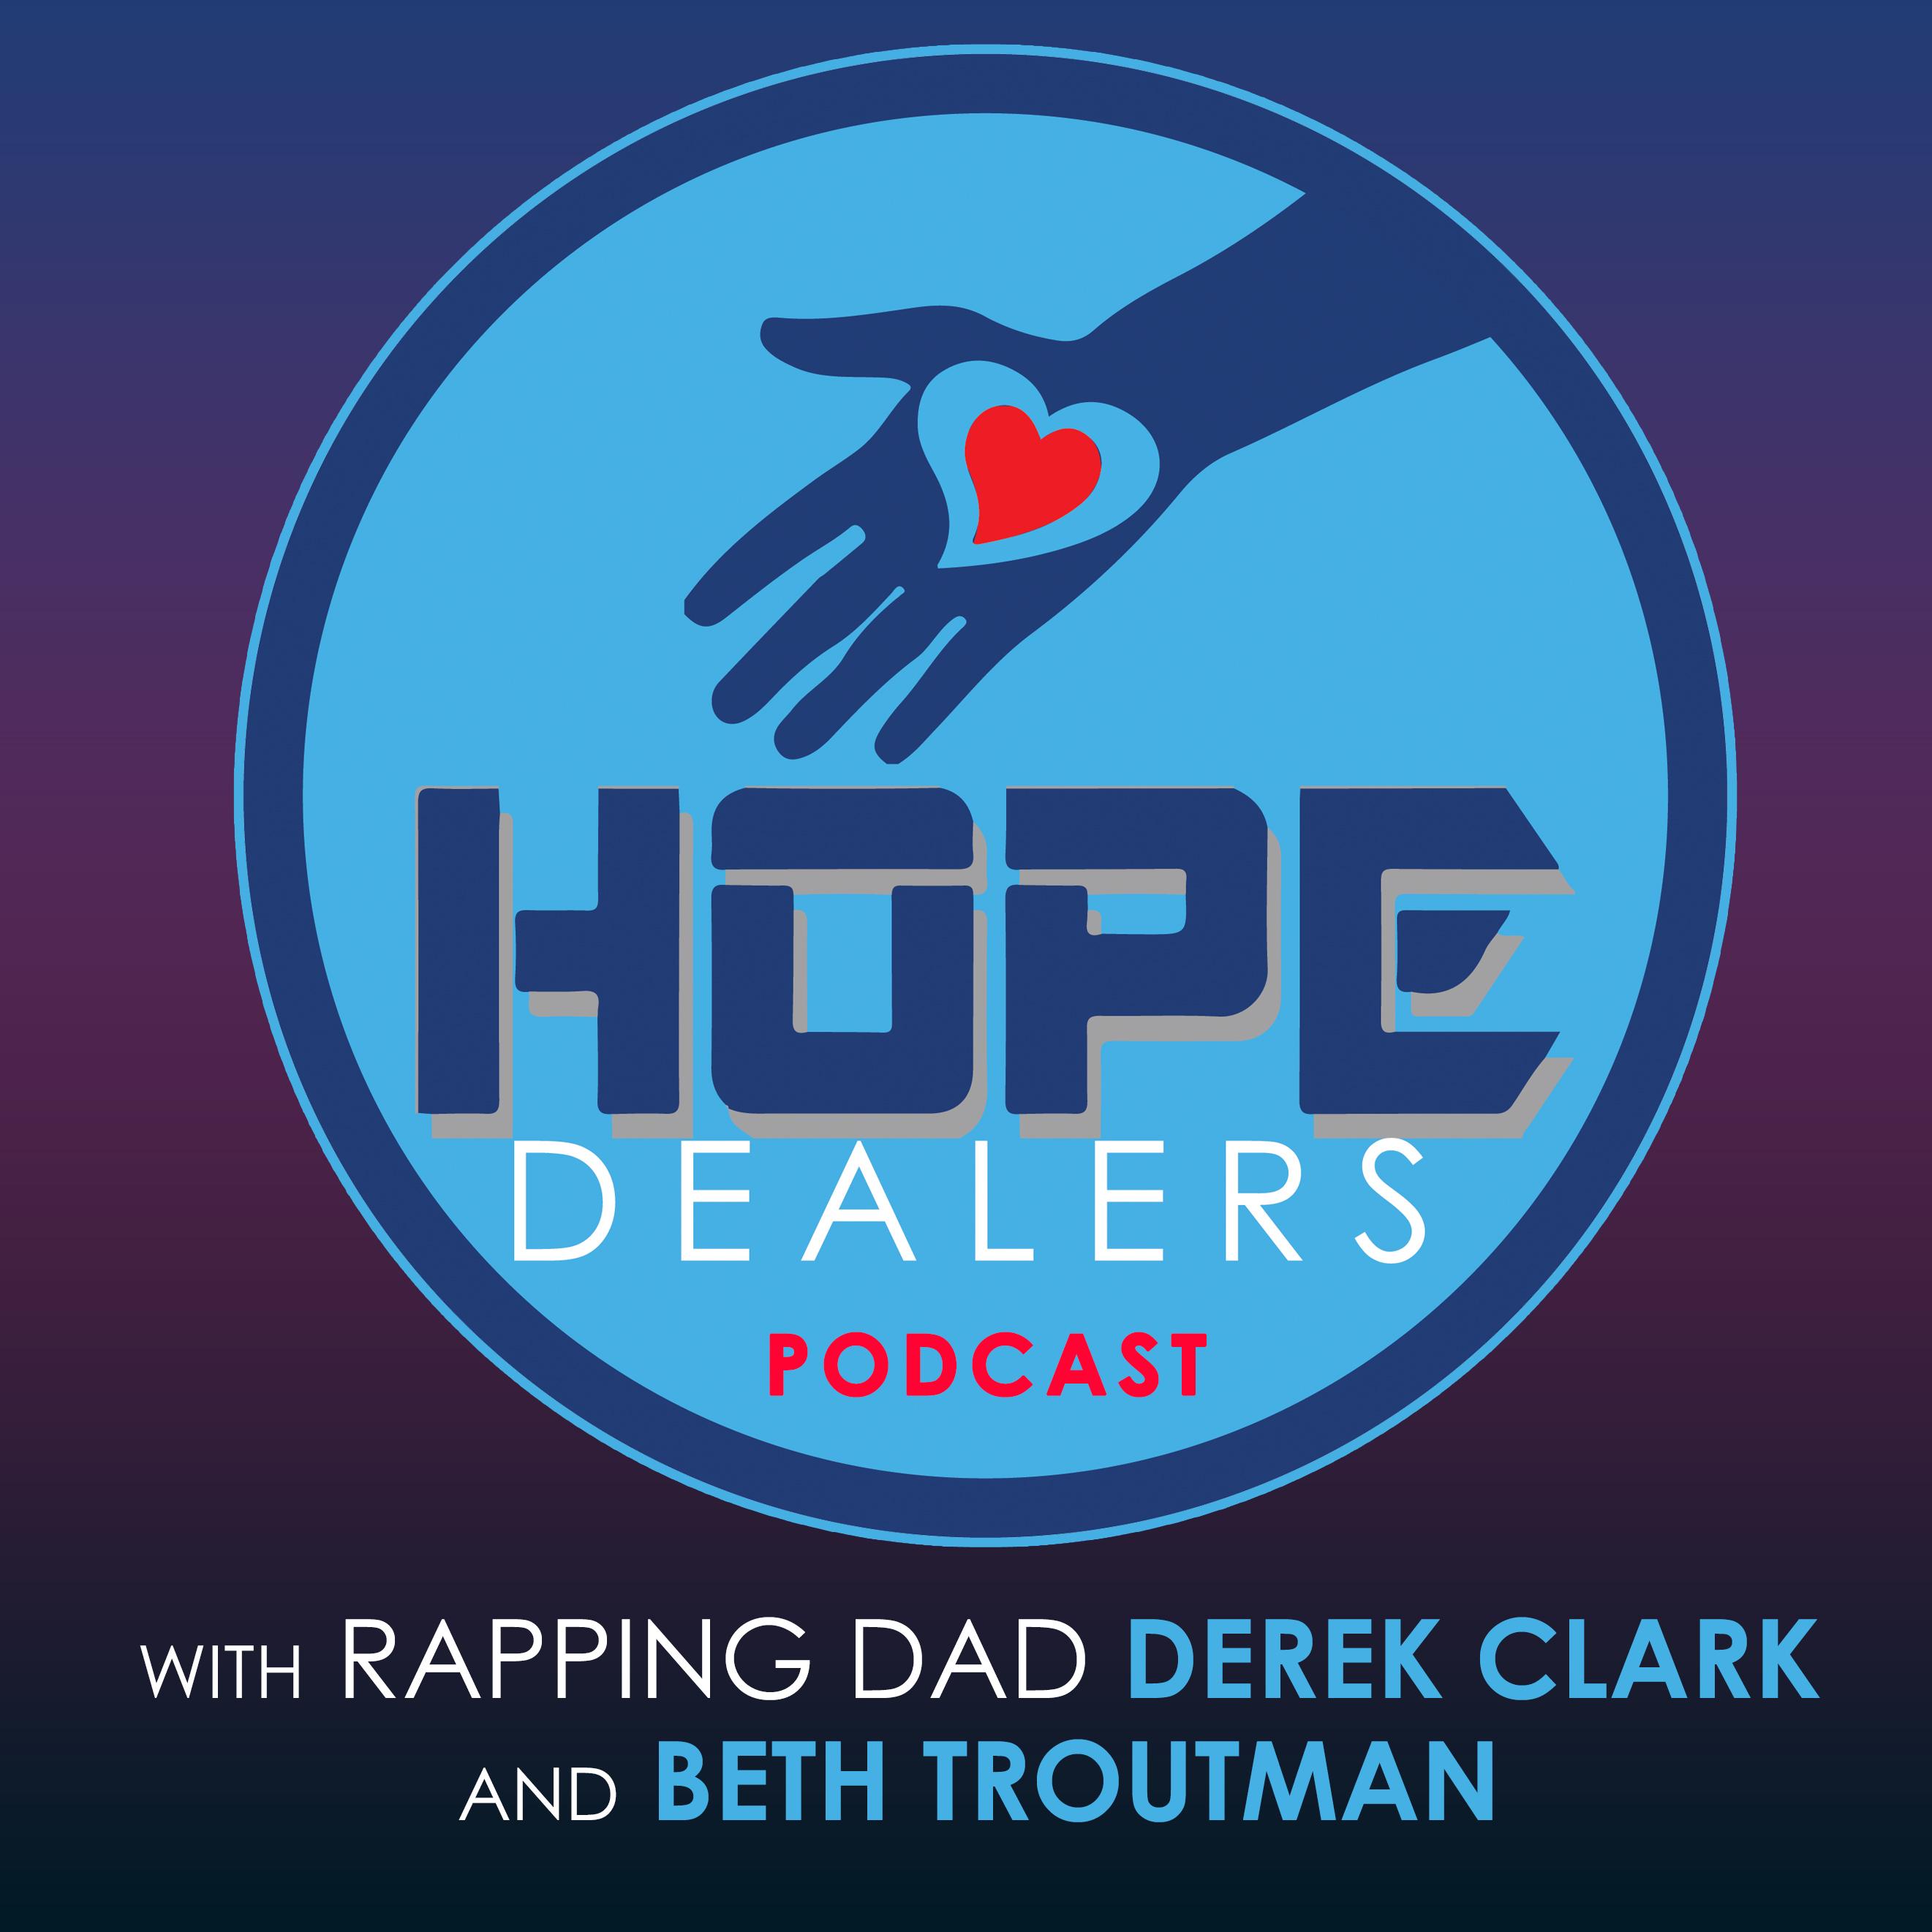 Hope Dealers Podcast Motivational Speaker Derek Clark And Beth